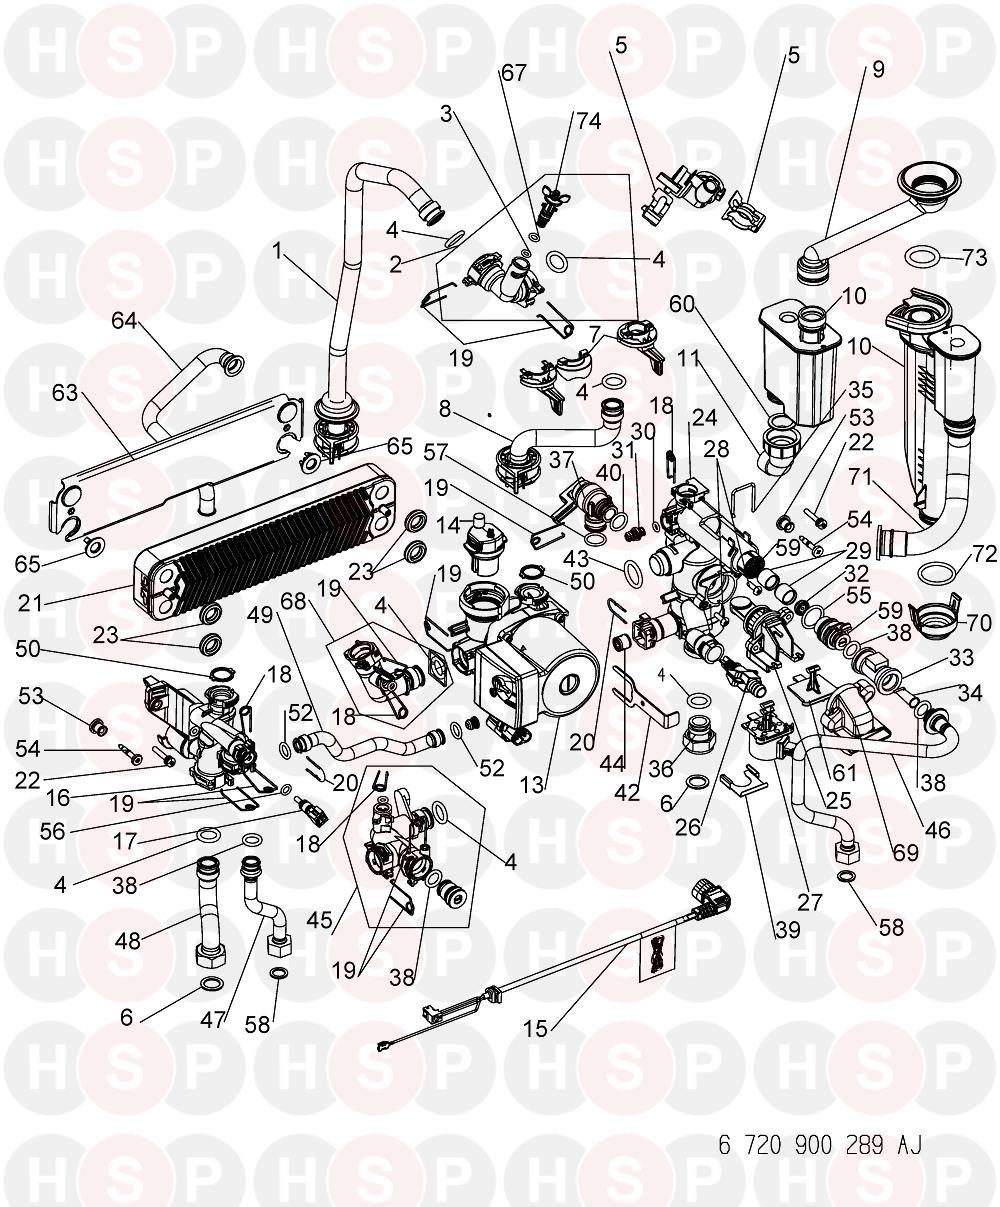 Worcester Greenstar 12 i SYSTEM LPG (Hydraulics) Diagram